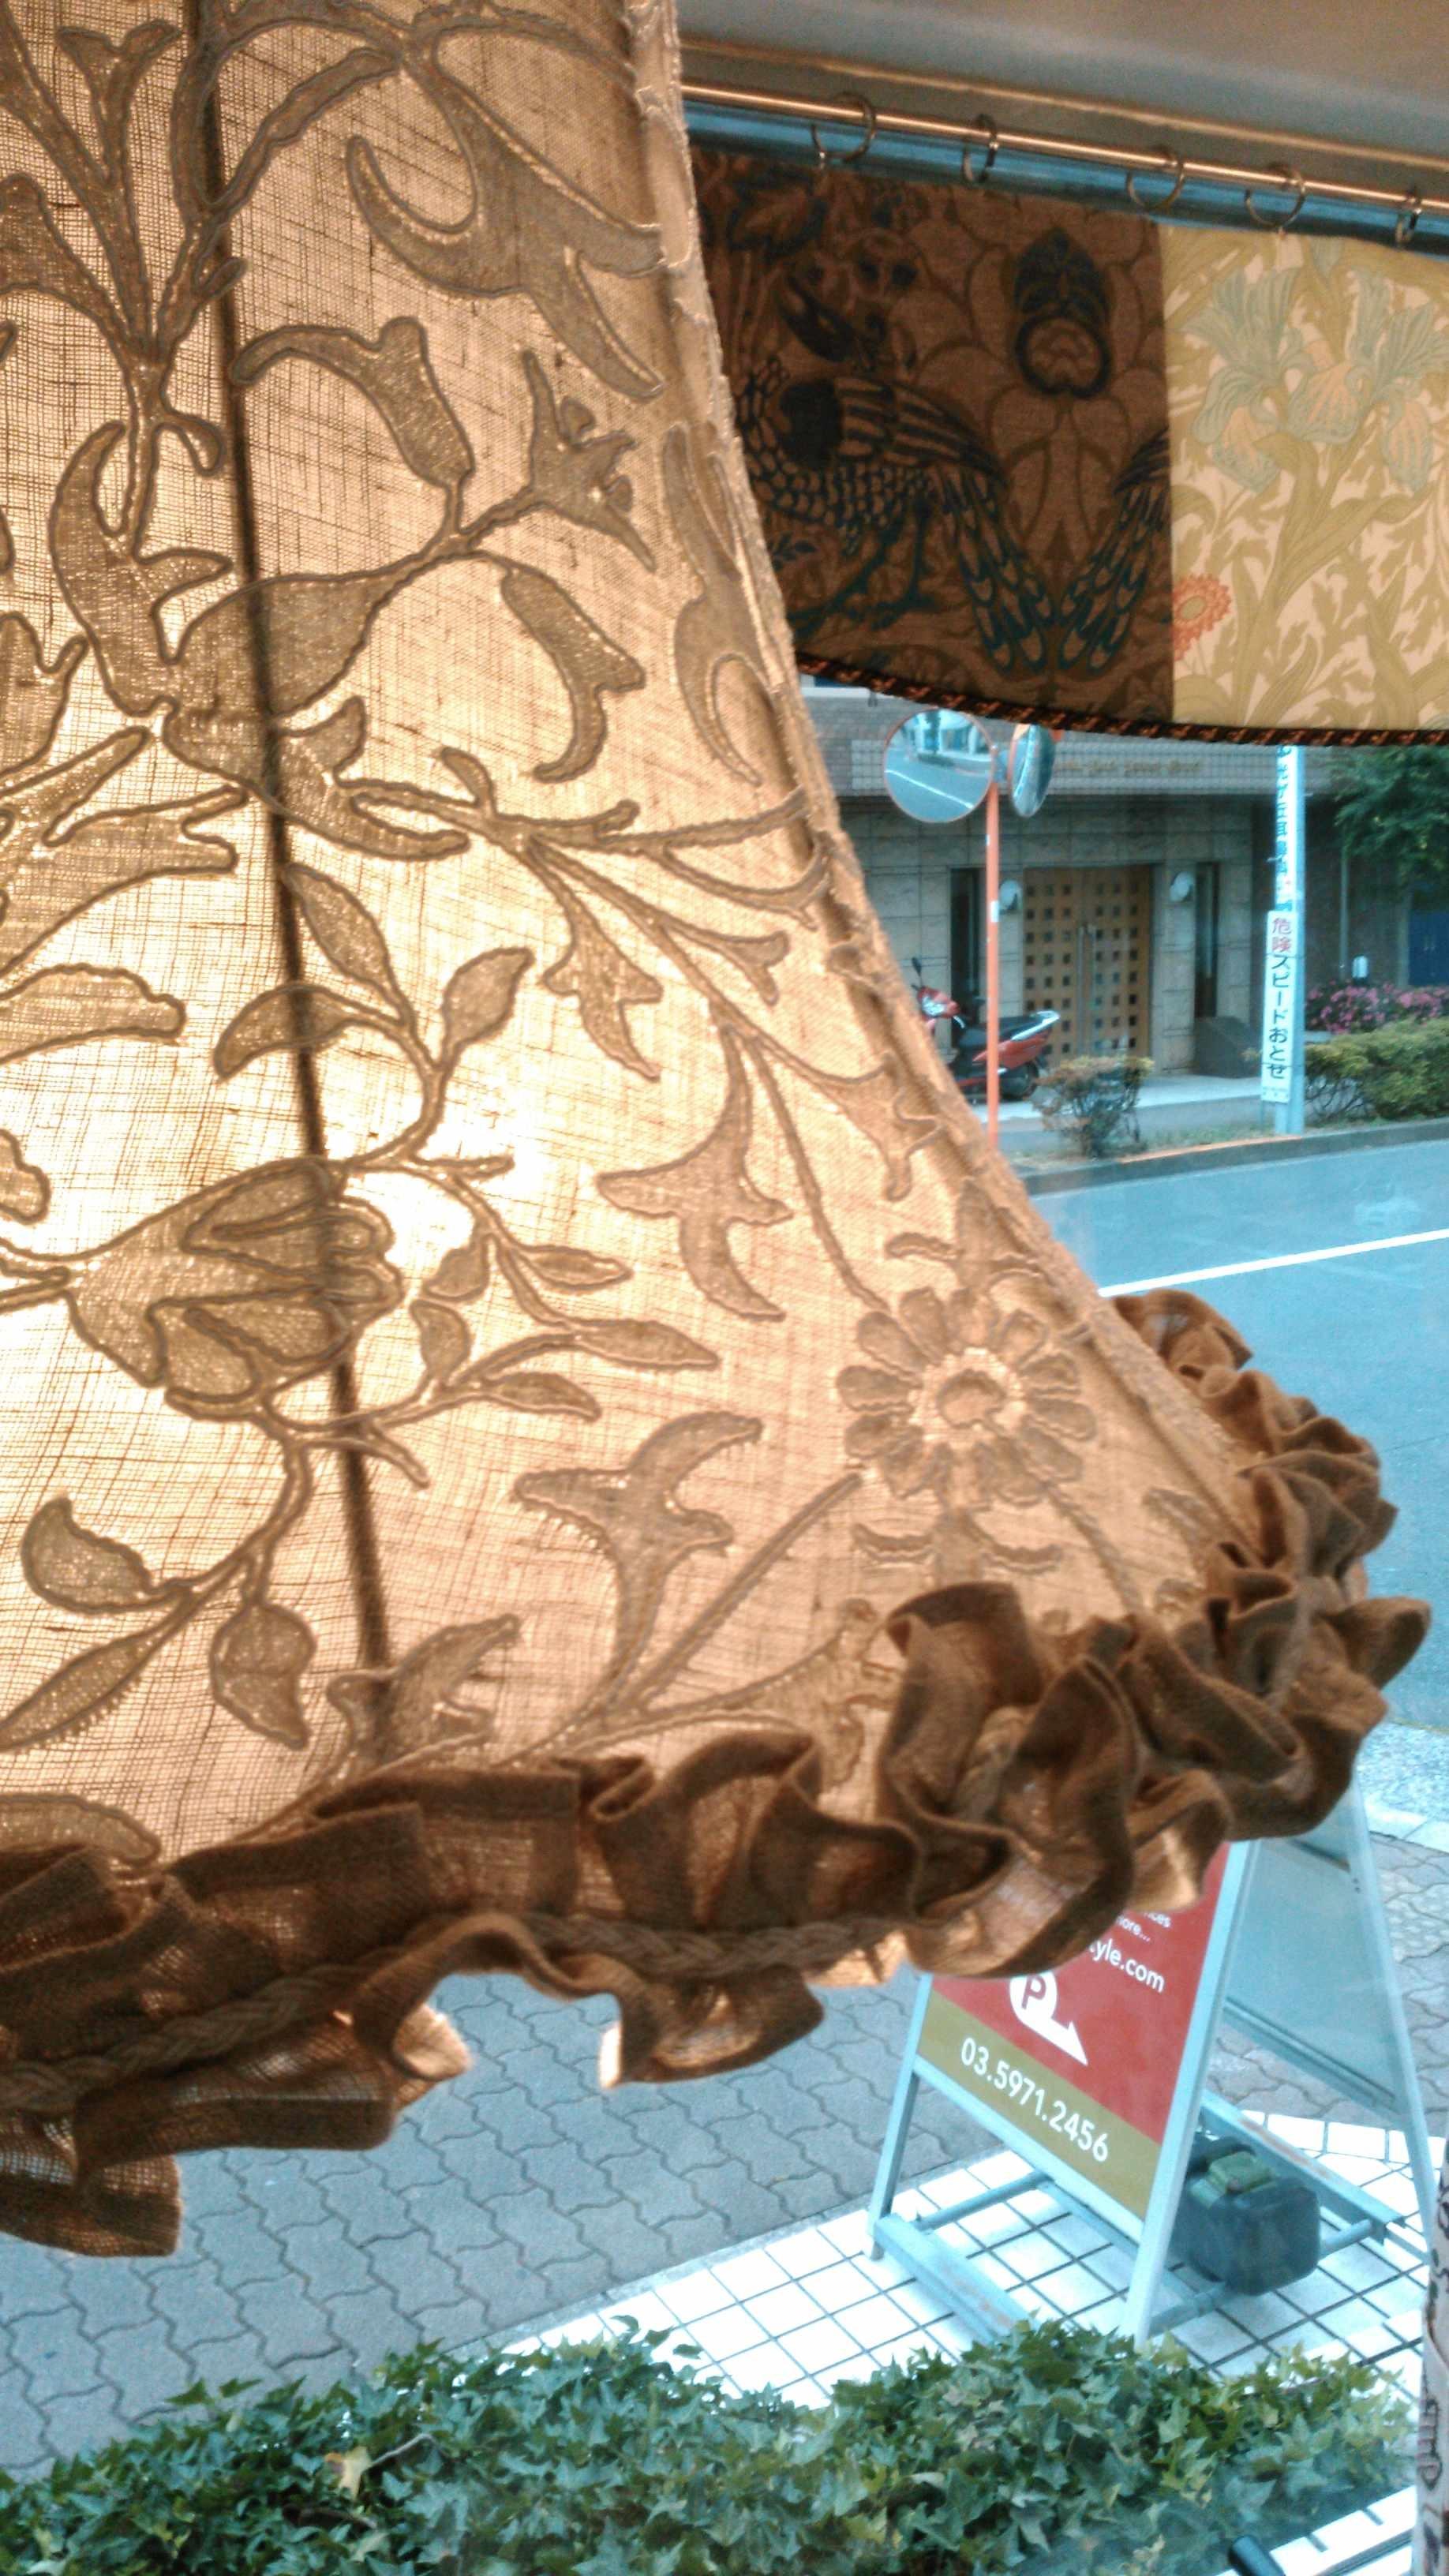 ピュアモリス ペンダントライト モリス正規販売店のブライト_c0157866_20174186.jpg